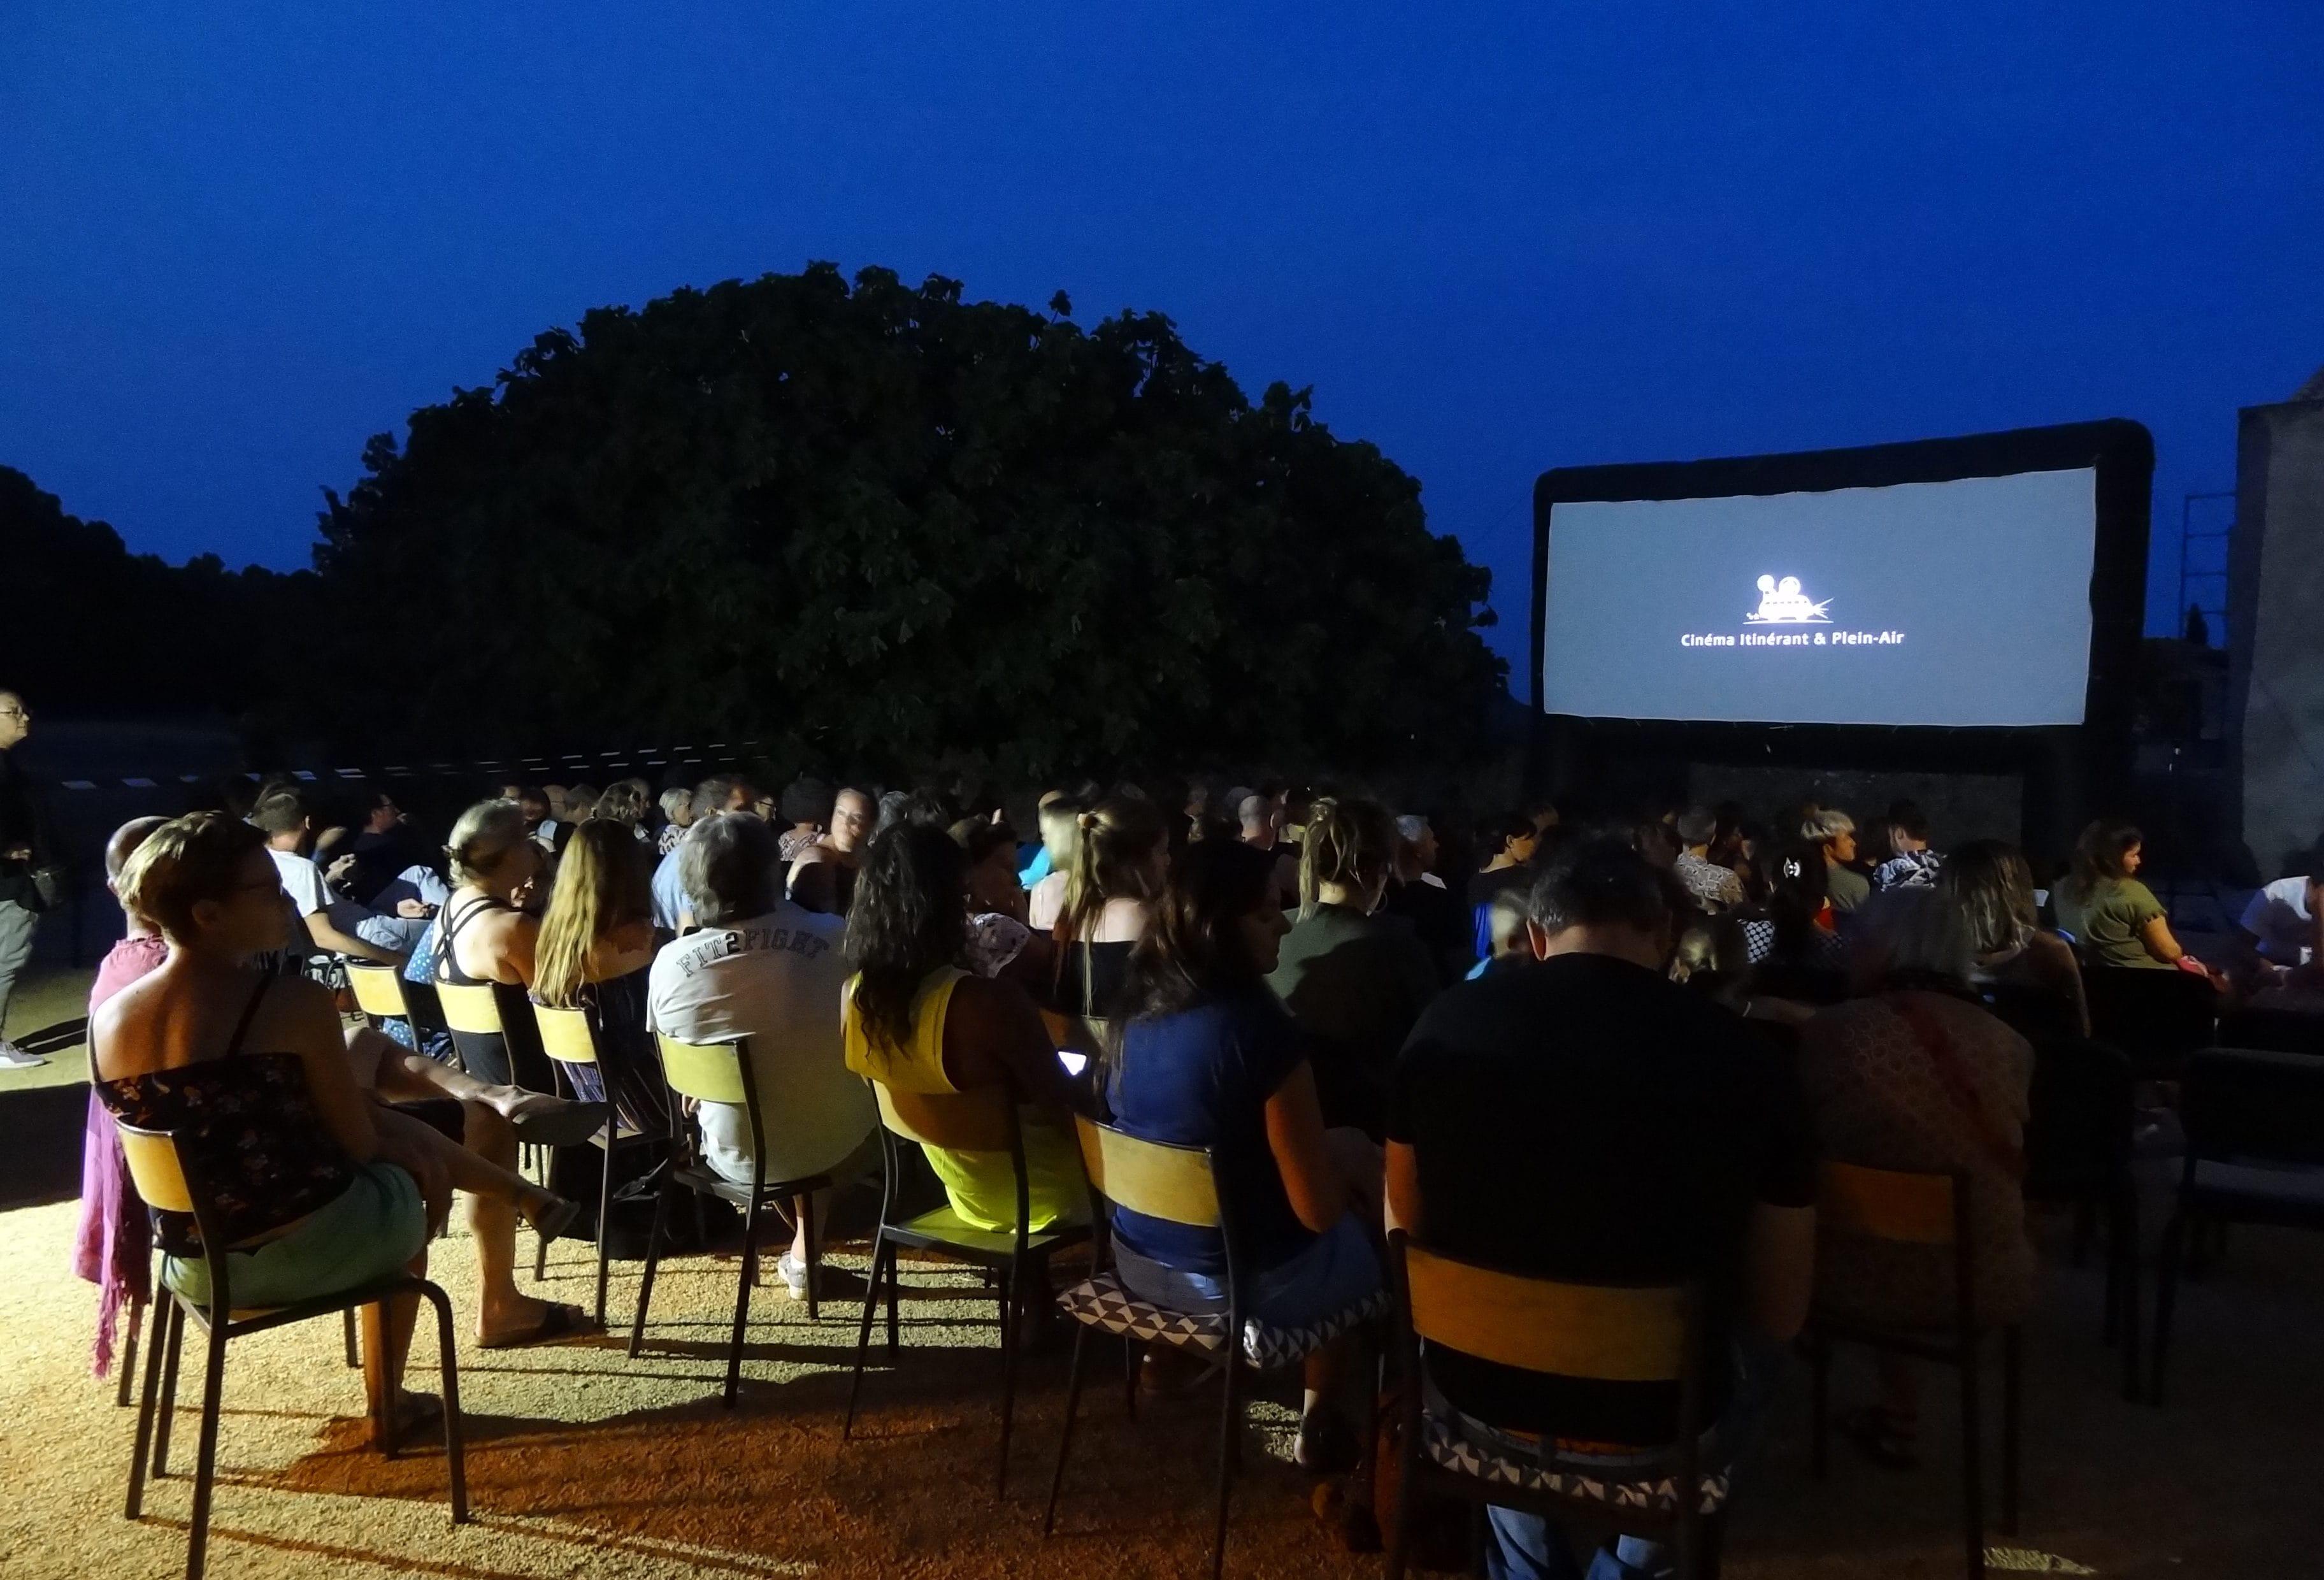 Cinéma sous les étoiles à Fontanès. Photo : Christophe Colrat